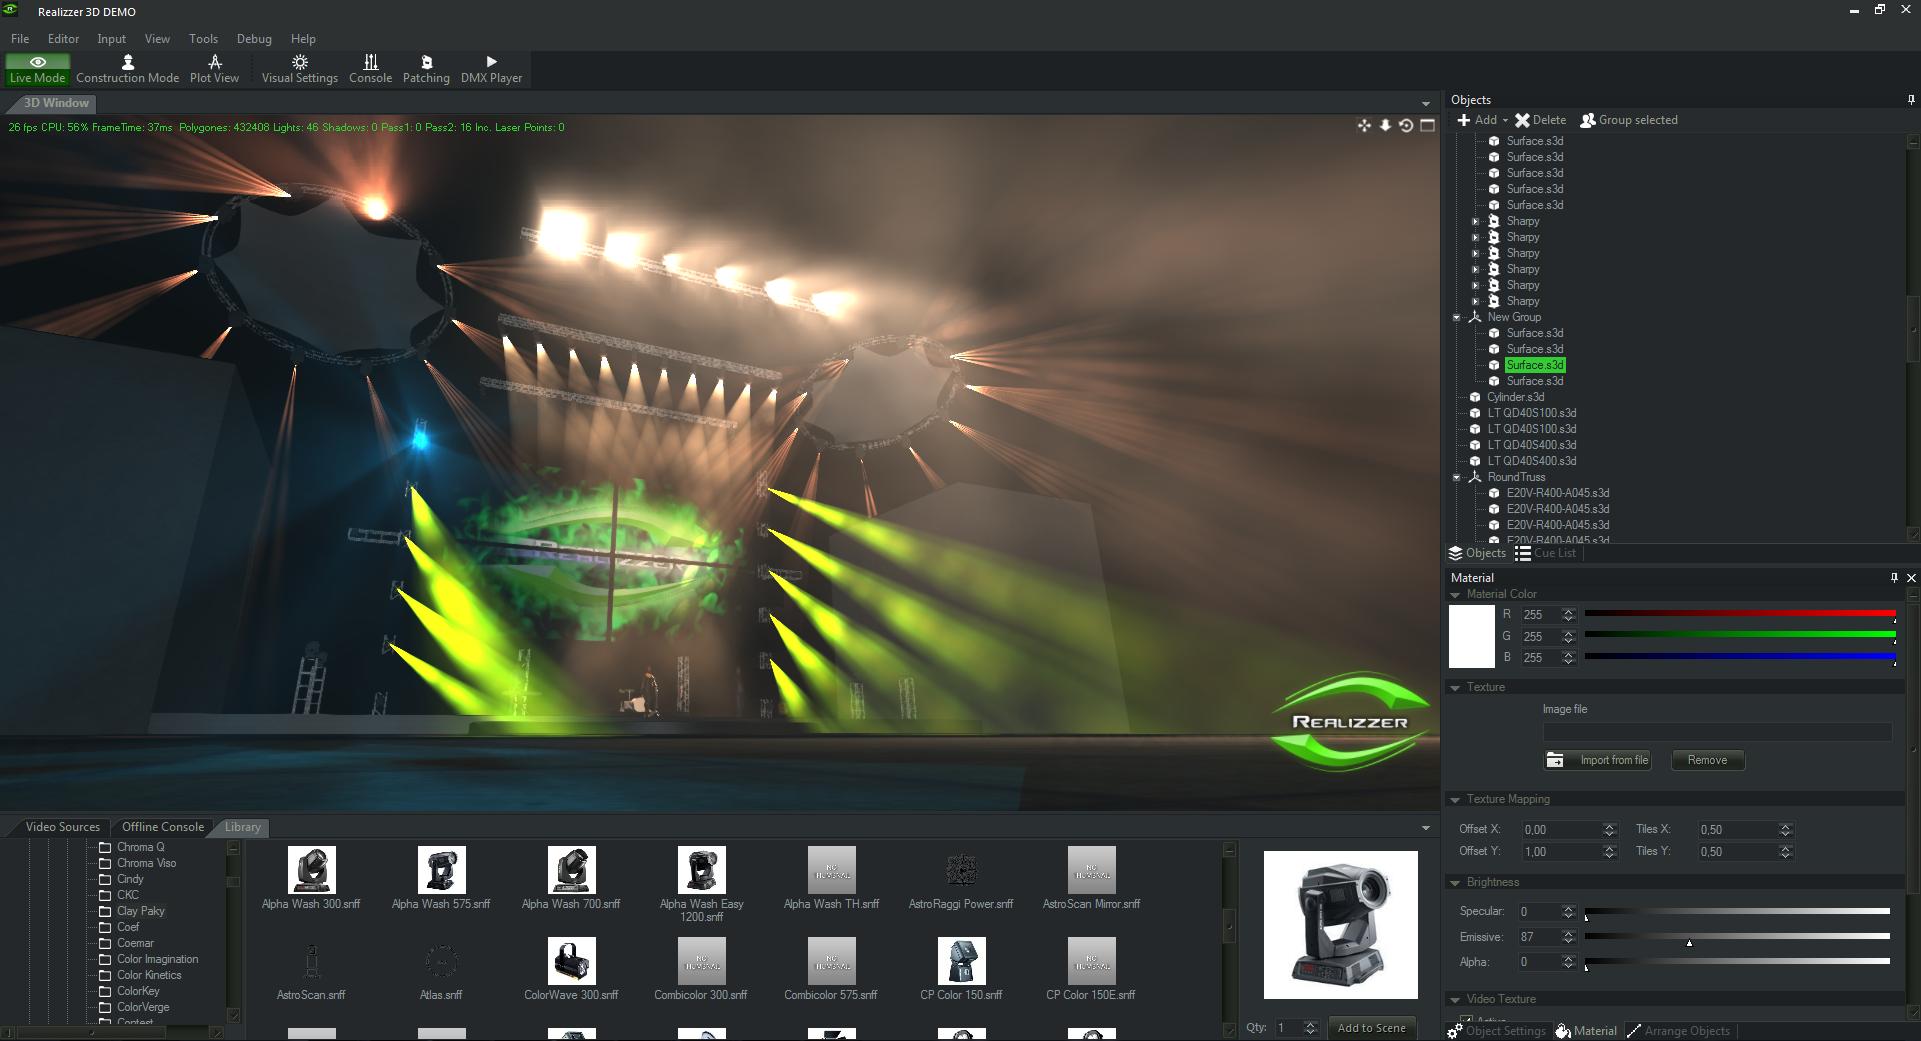 Realizzer 3D Software, powered by Pangolin & GT-TECH